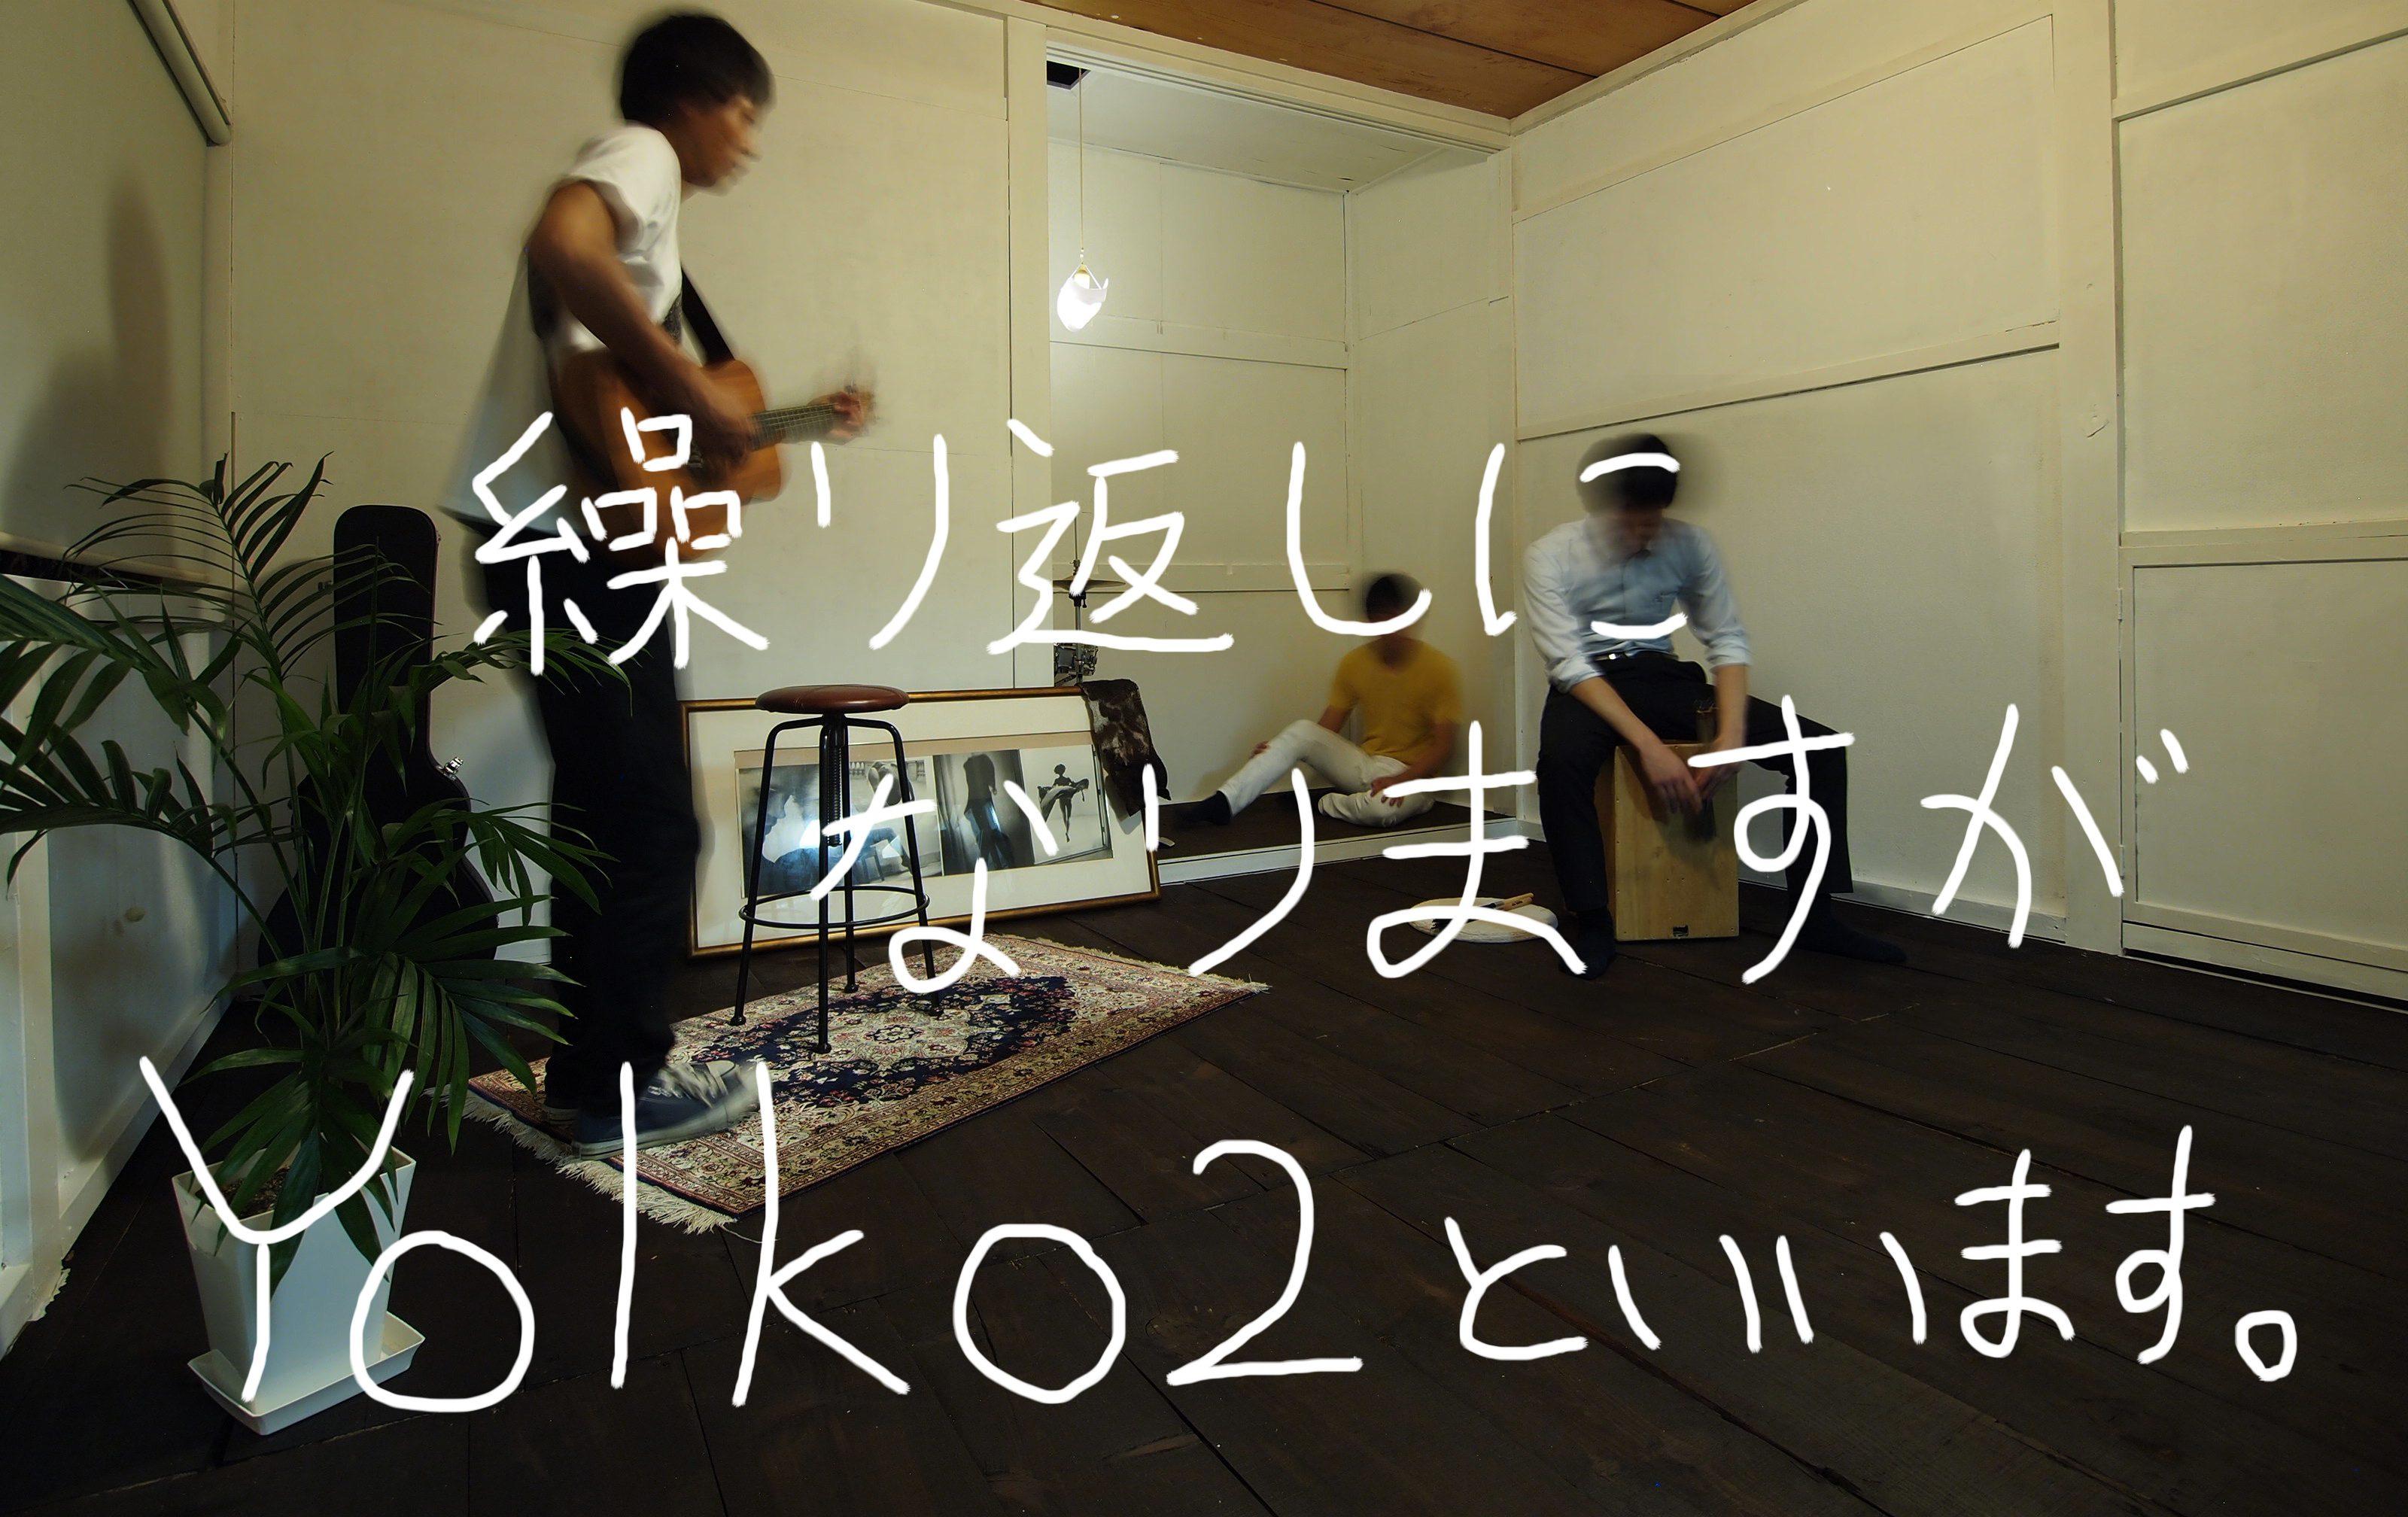 Yo1ko2復活